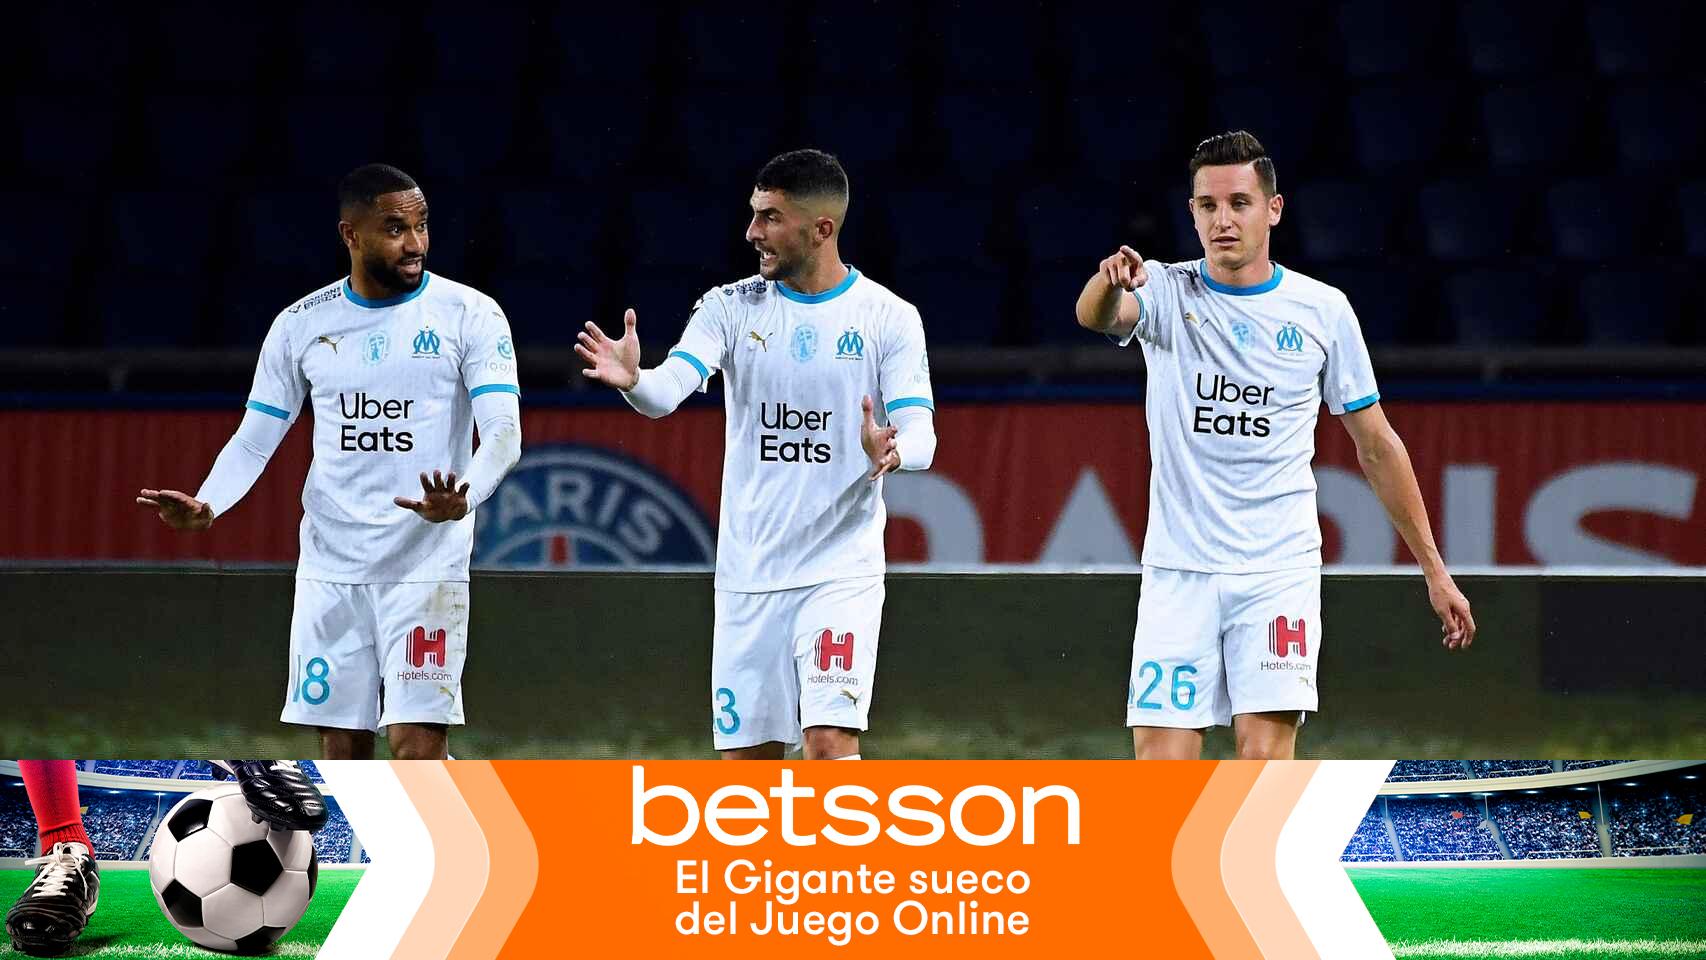 Gana 190 euros con el triunfo del Marsella en la Ligue-1 tras su polémica contra el PSG